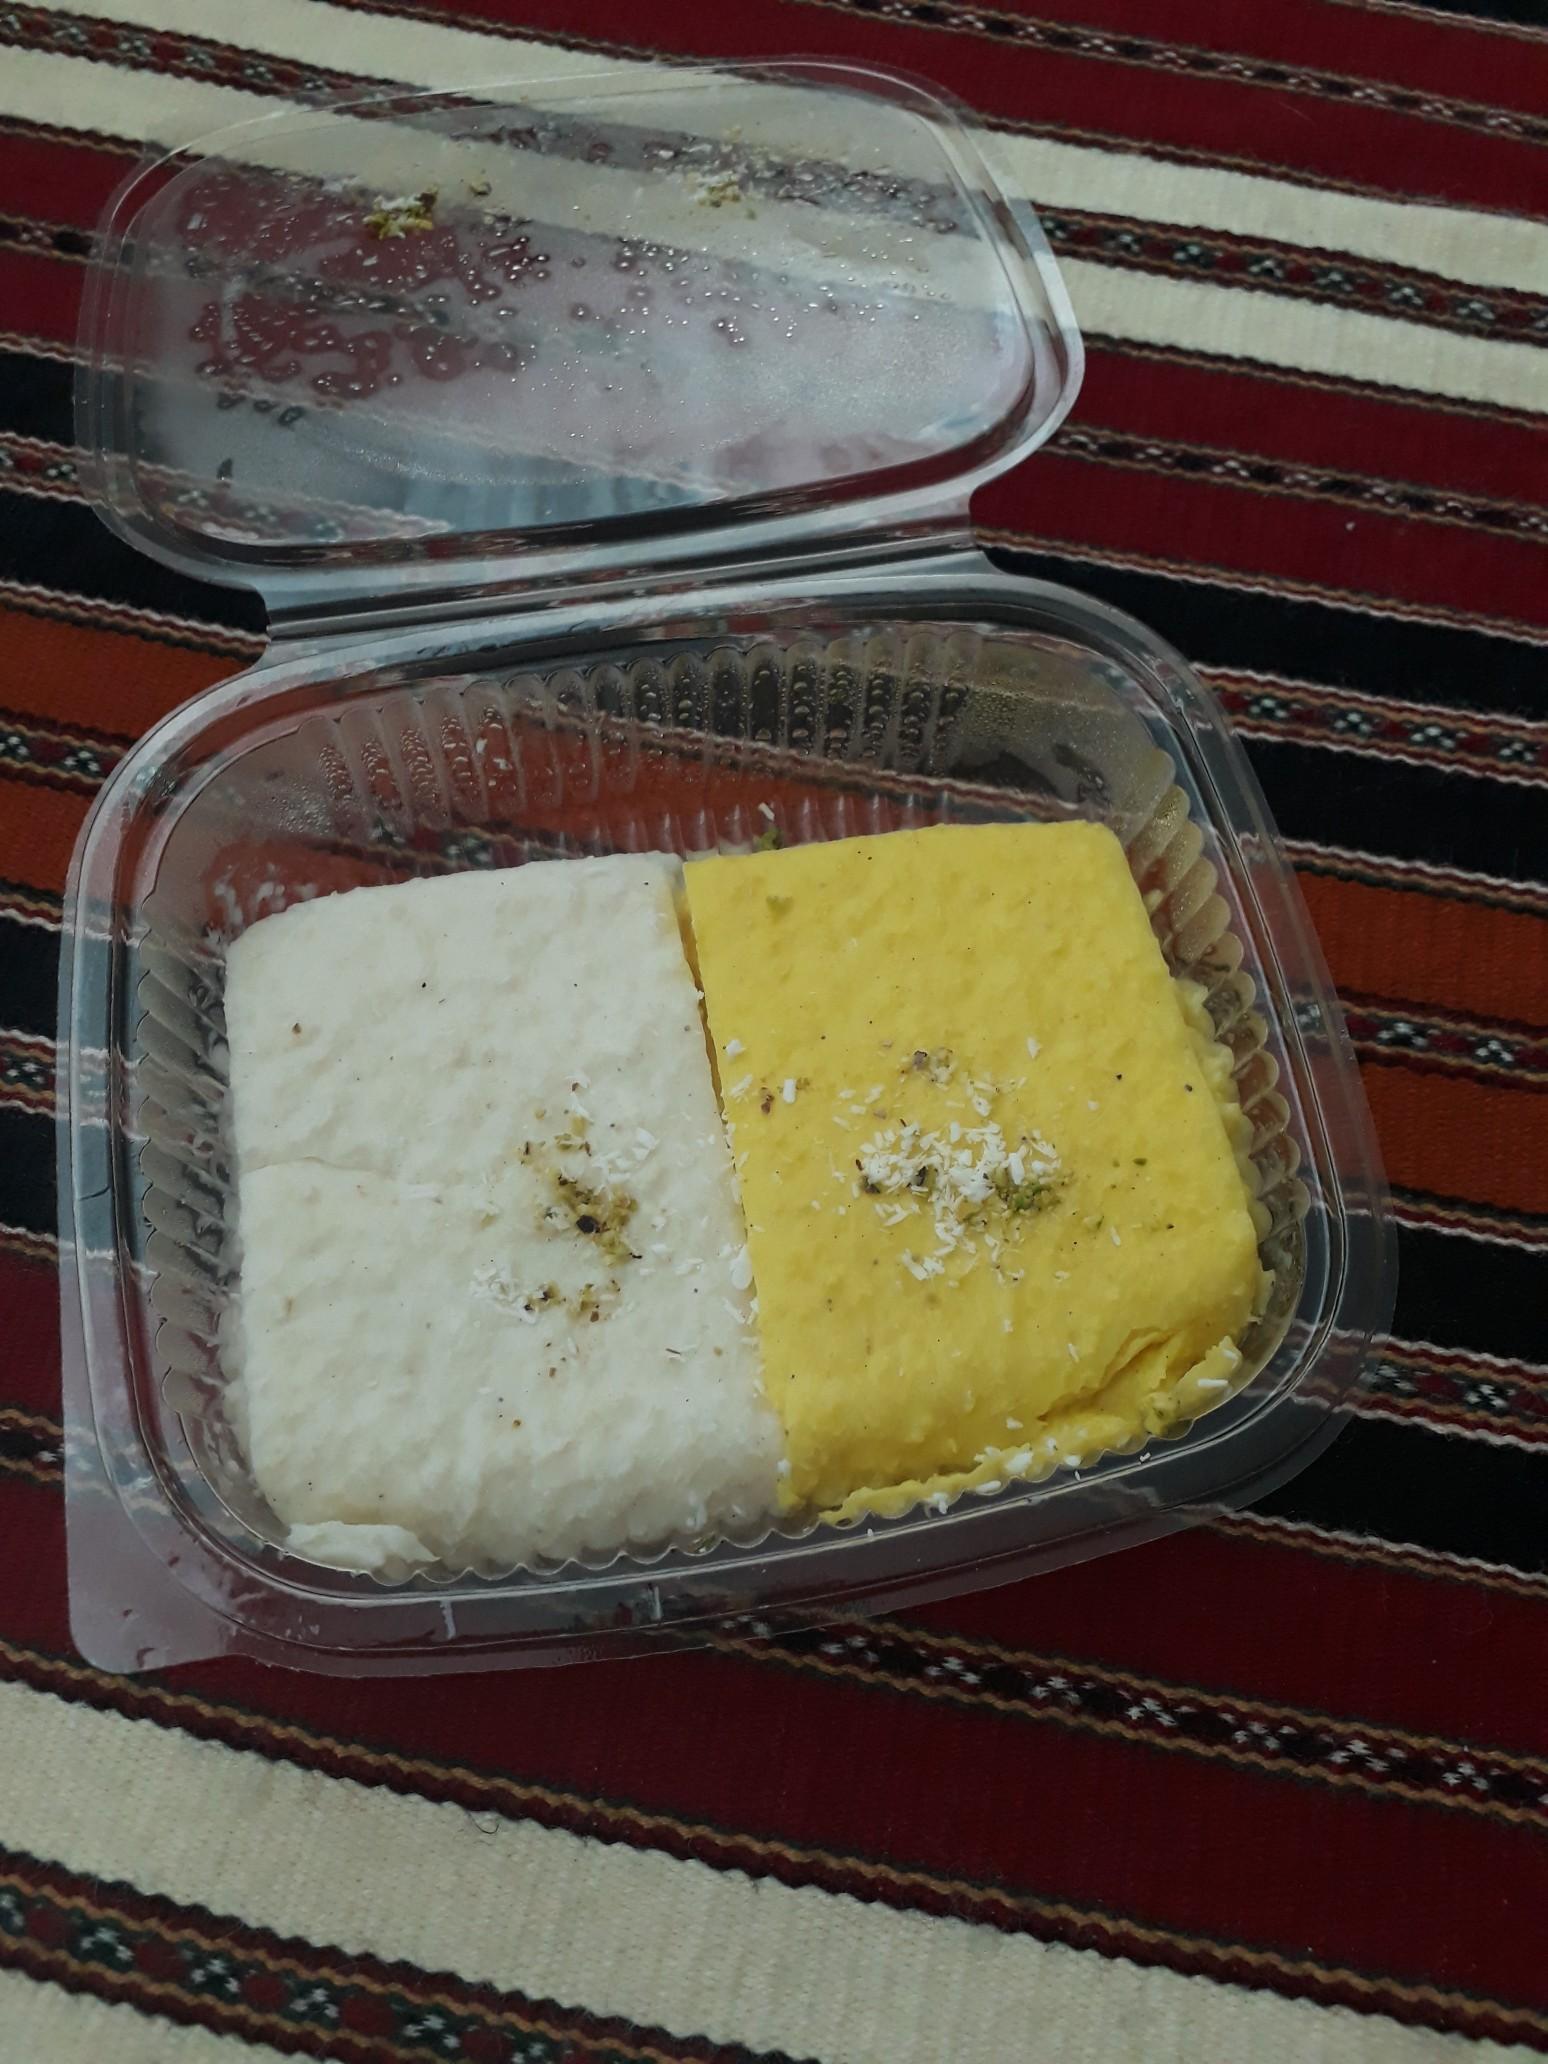 [تصویر: عکس صبحانه های خودمون (فقط عکس)]